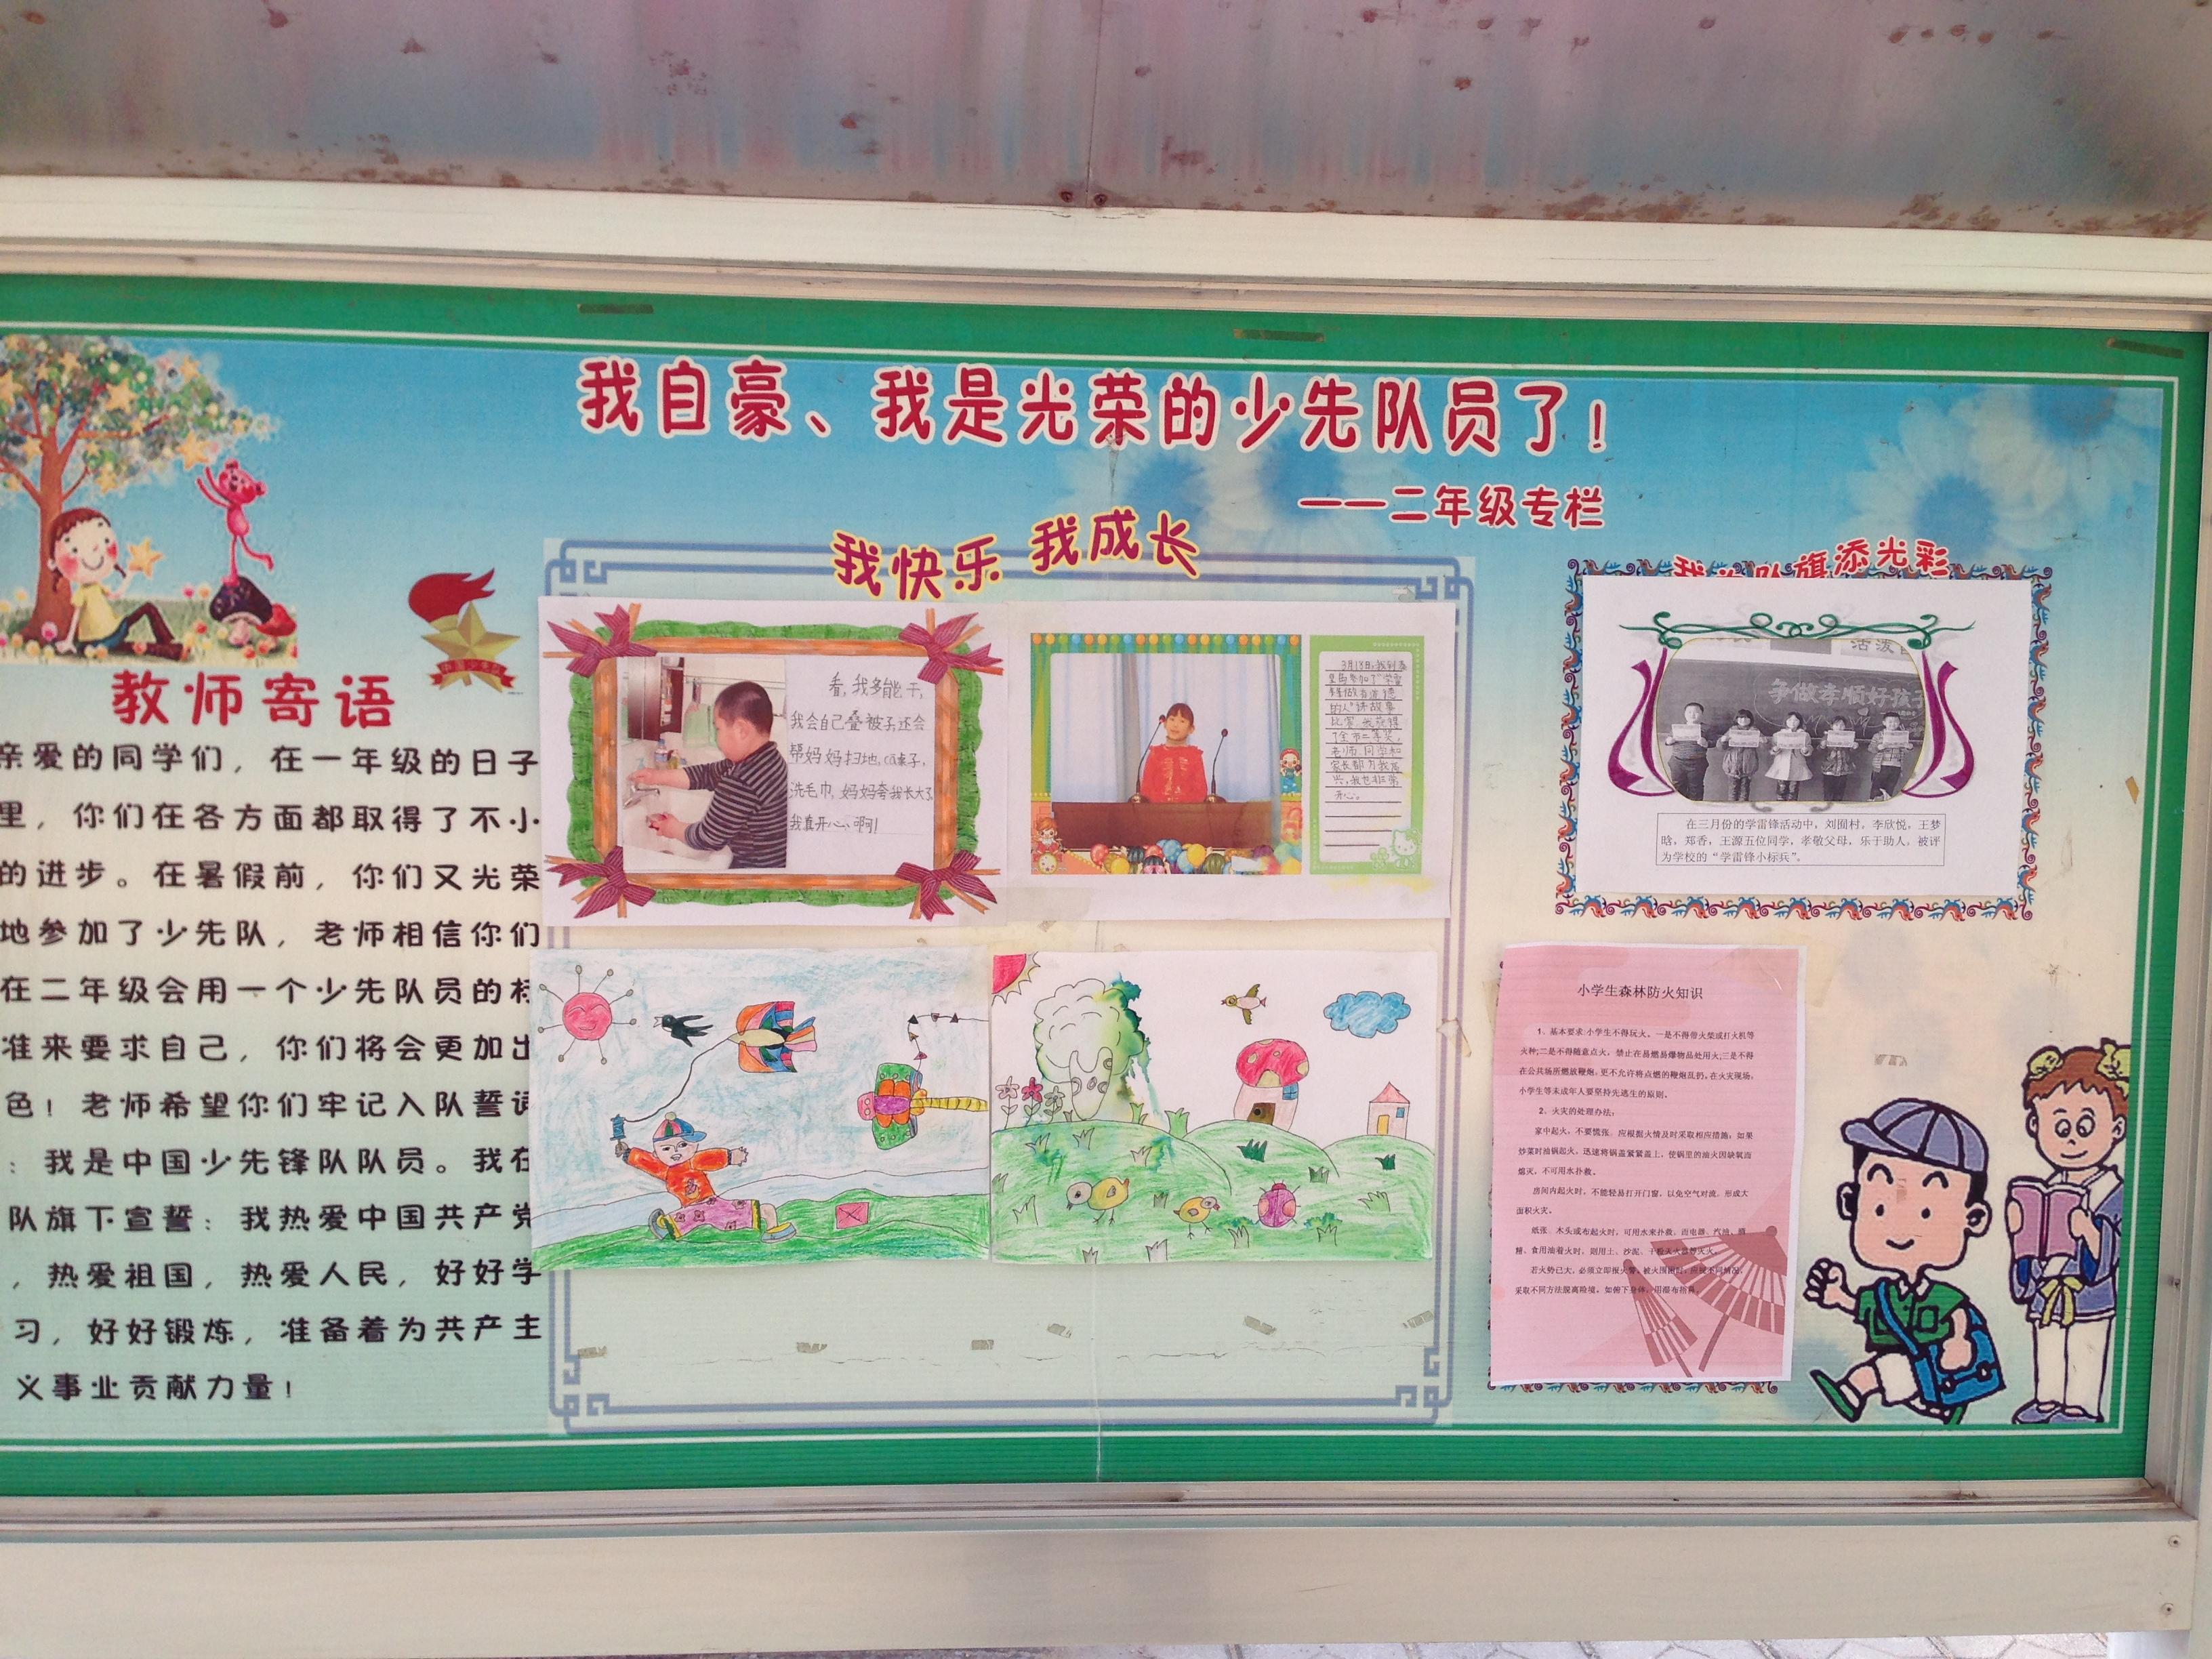 卢龙县第一实验小学宣传栏